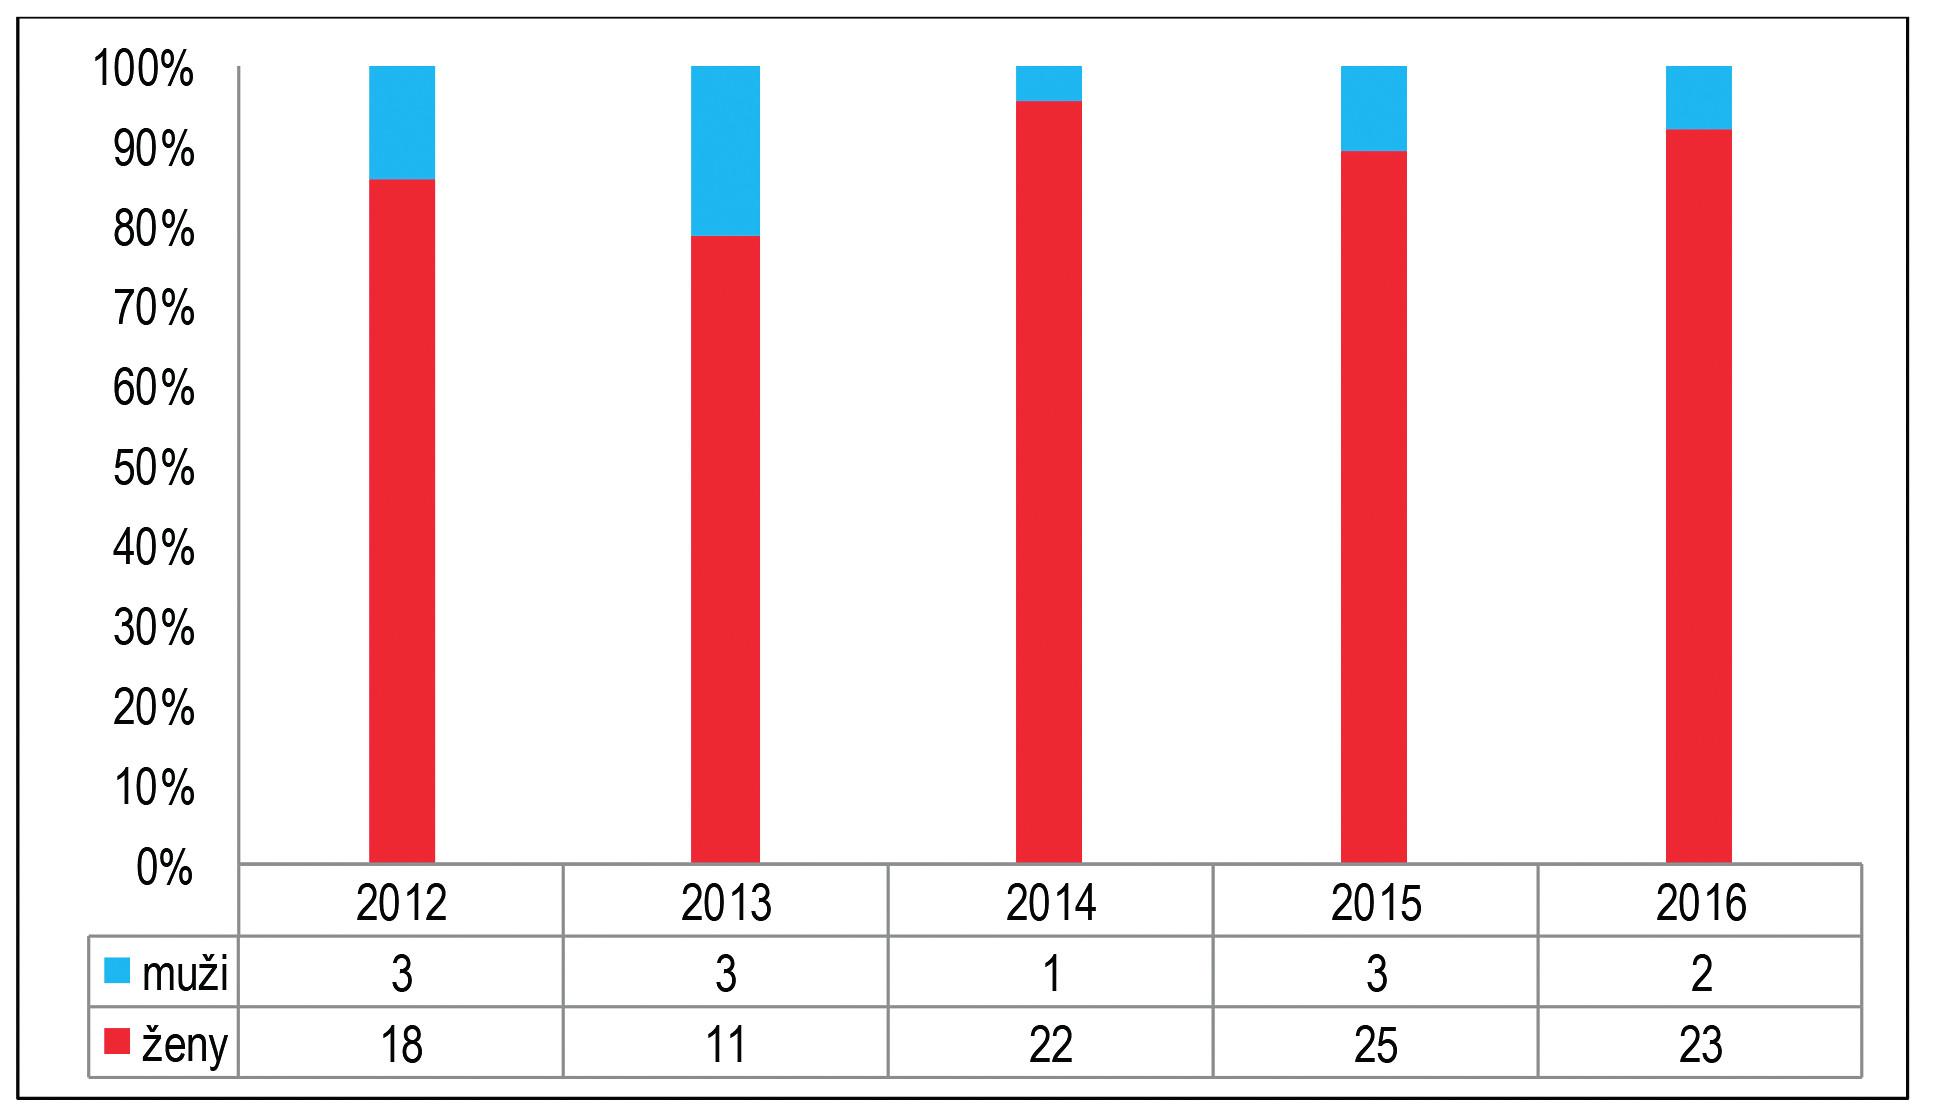 Choroby z povolania u zdravotníckych a sociálnych pracovníkov podľa pohlavia, SR, roky 2012–2016